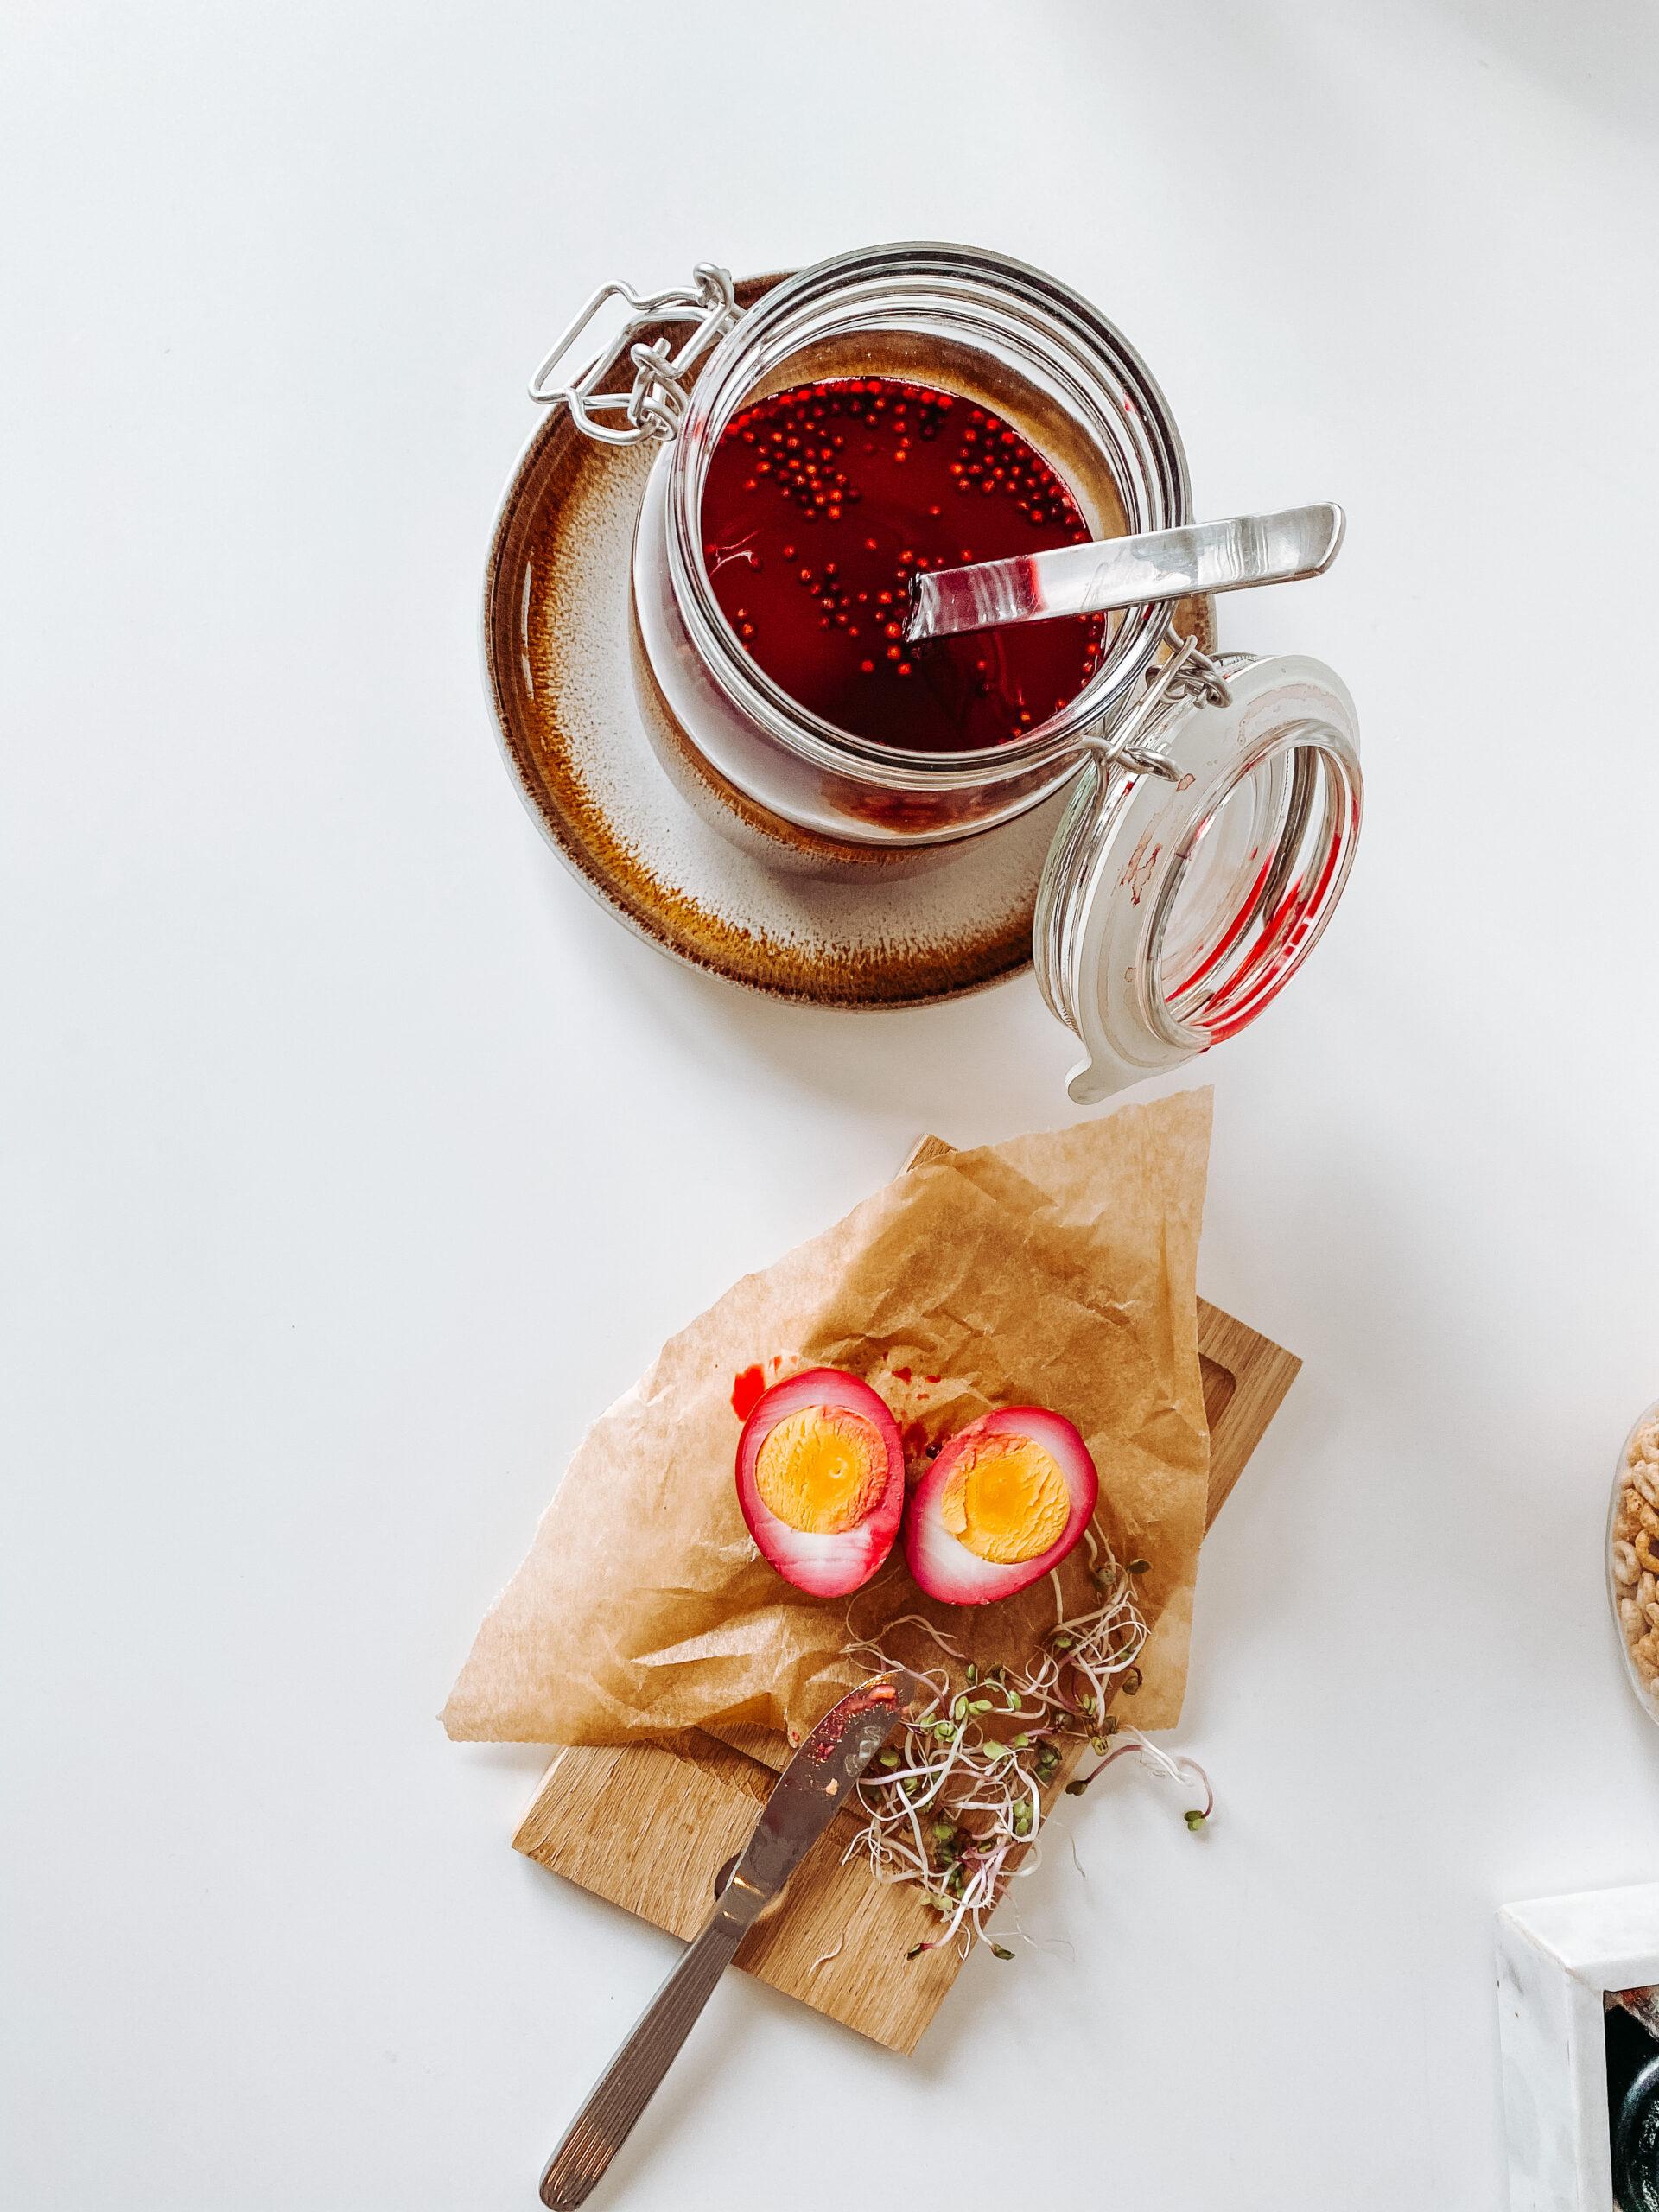 Kokt egg farget i rødbetsaft, bønnespirer og en kniv på ei fjøl. Ved siden av: Et norgesglass med rødbetsaft. Foto.